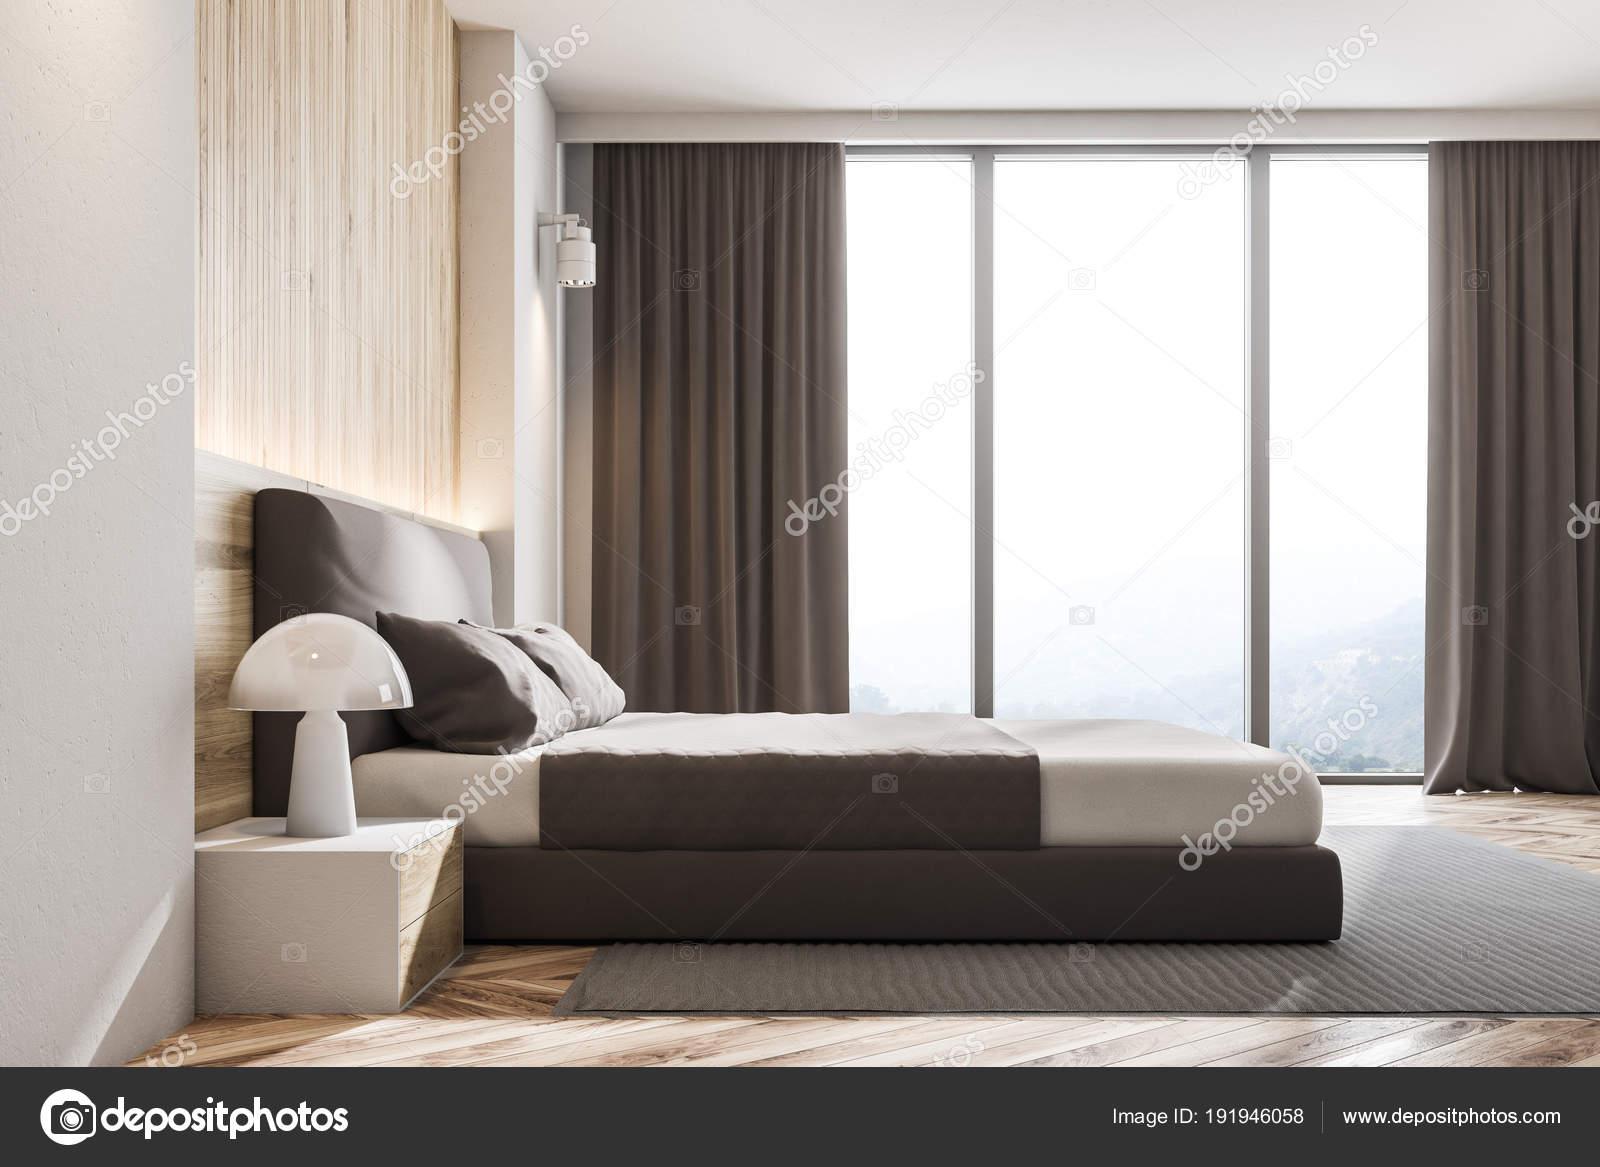 Holzwand Skandinavischen Schlafzimmer, Seitenansicht U2014 Stockfoto